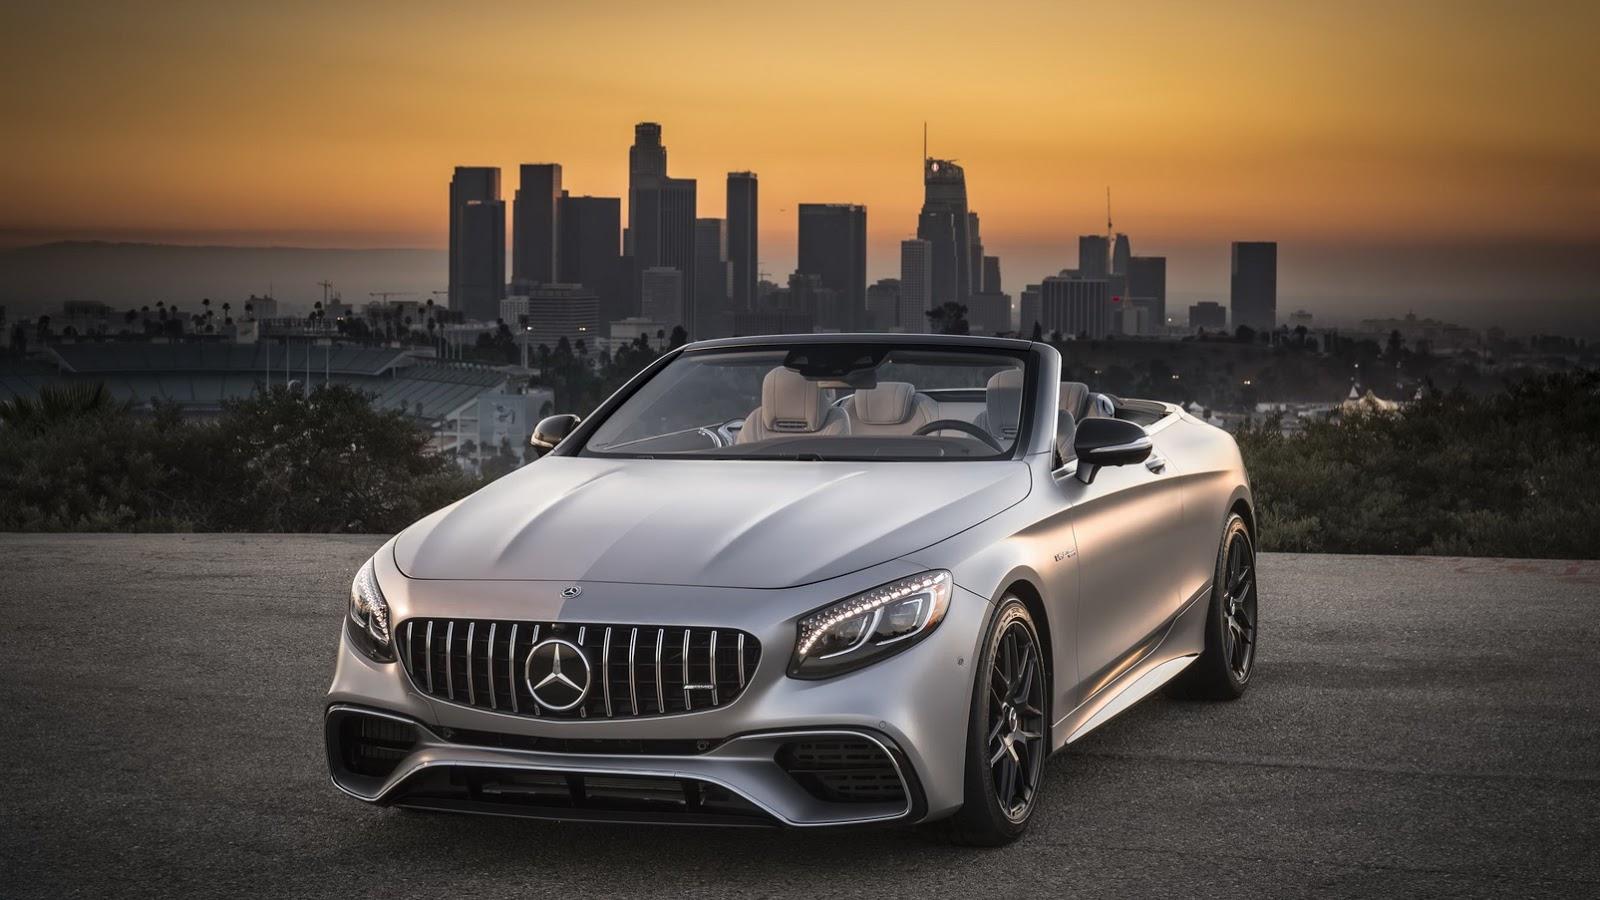 Xe++ - Mercedes-Benz S-Class Cabriolet tại thị trường Anh giá từ 3,5 tỷ đồng (Hình 4).